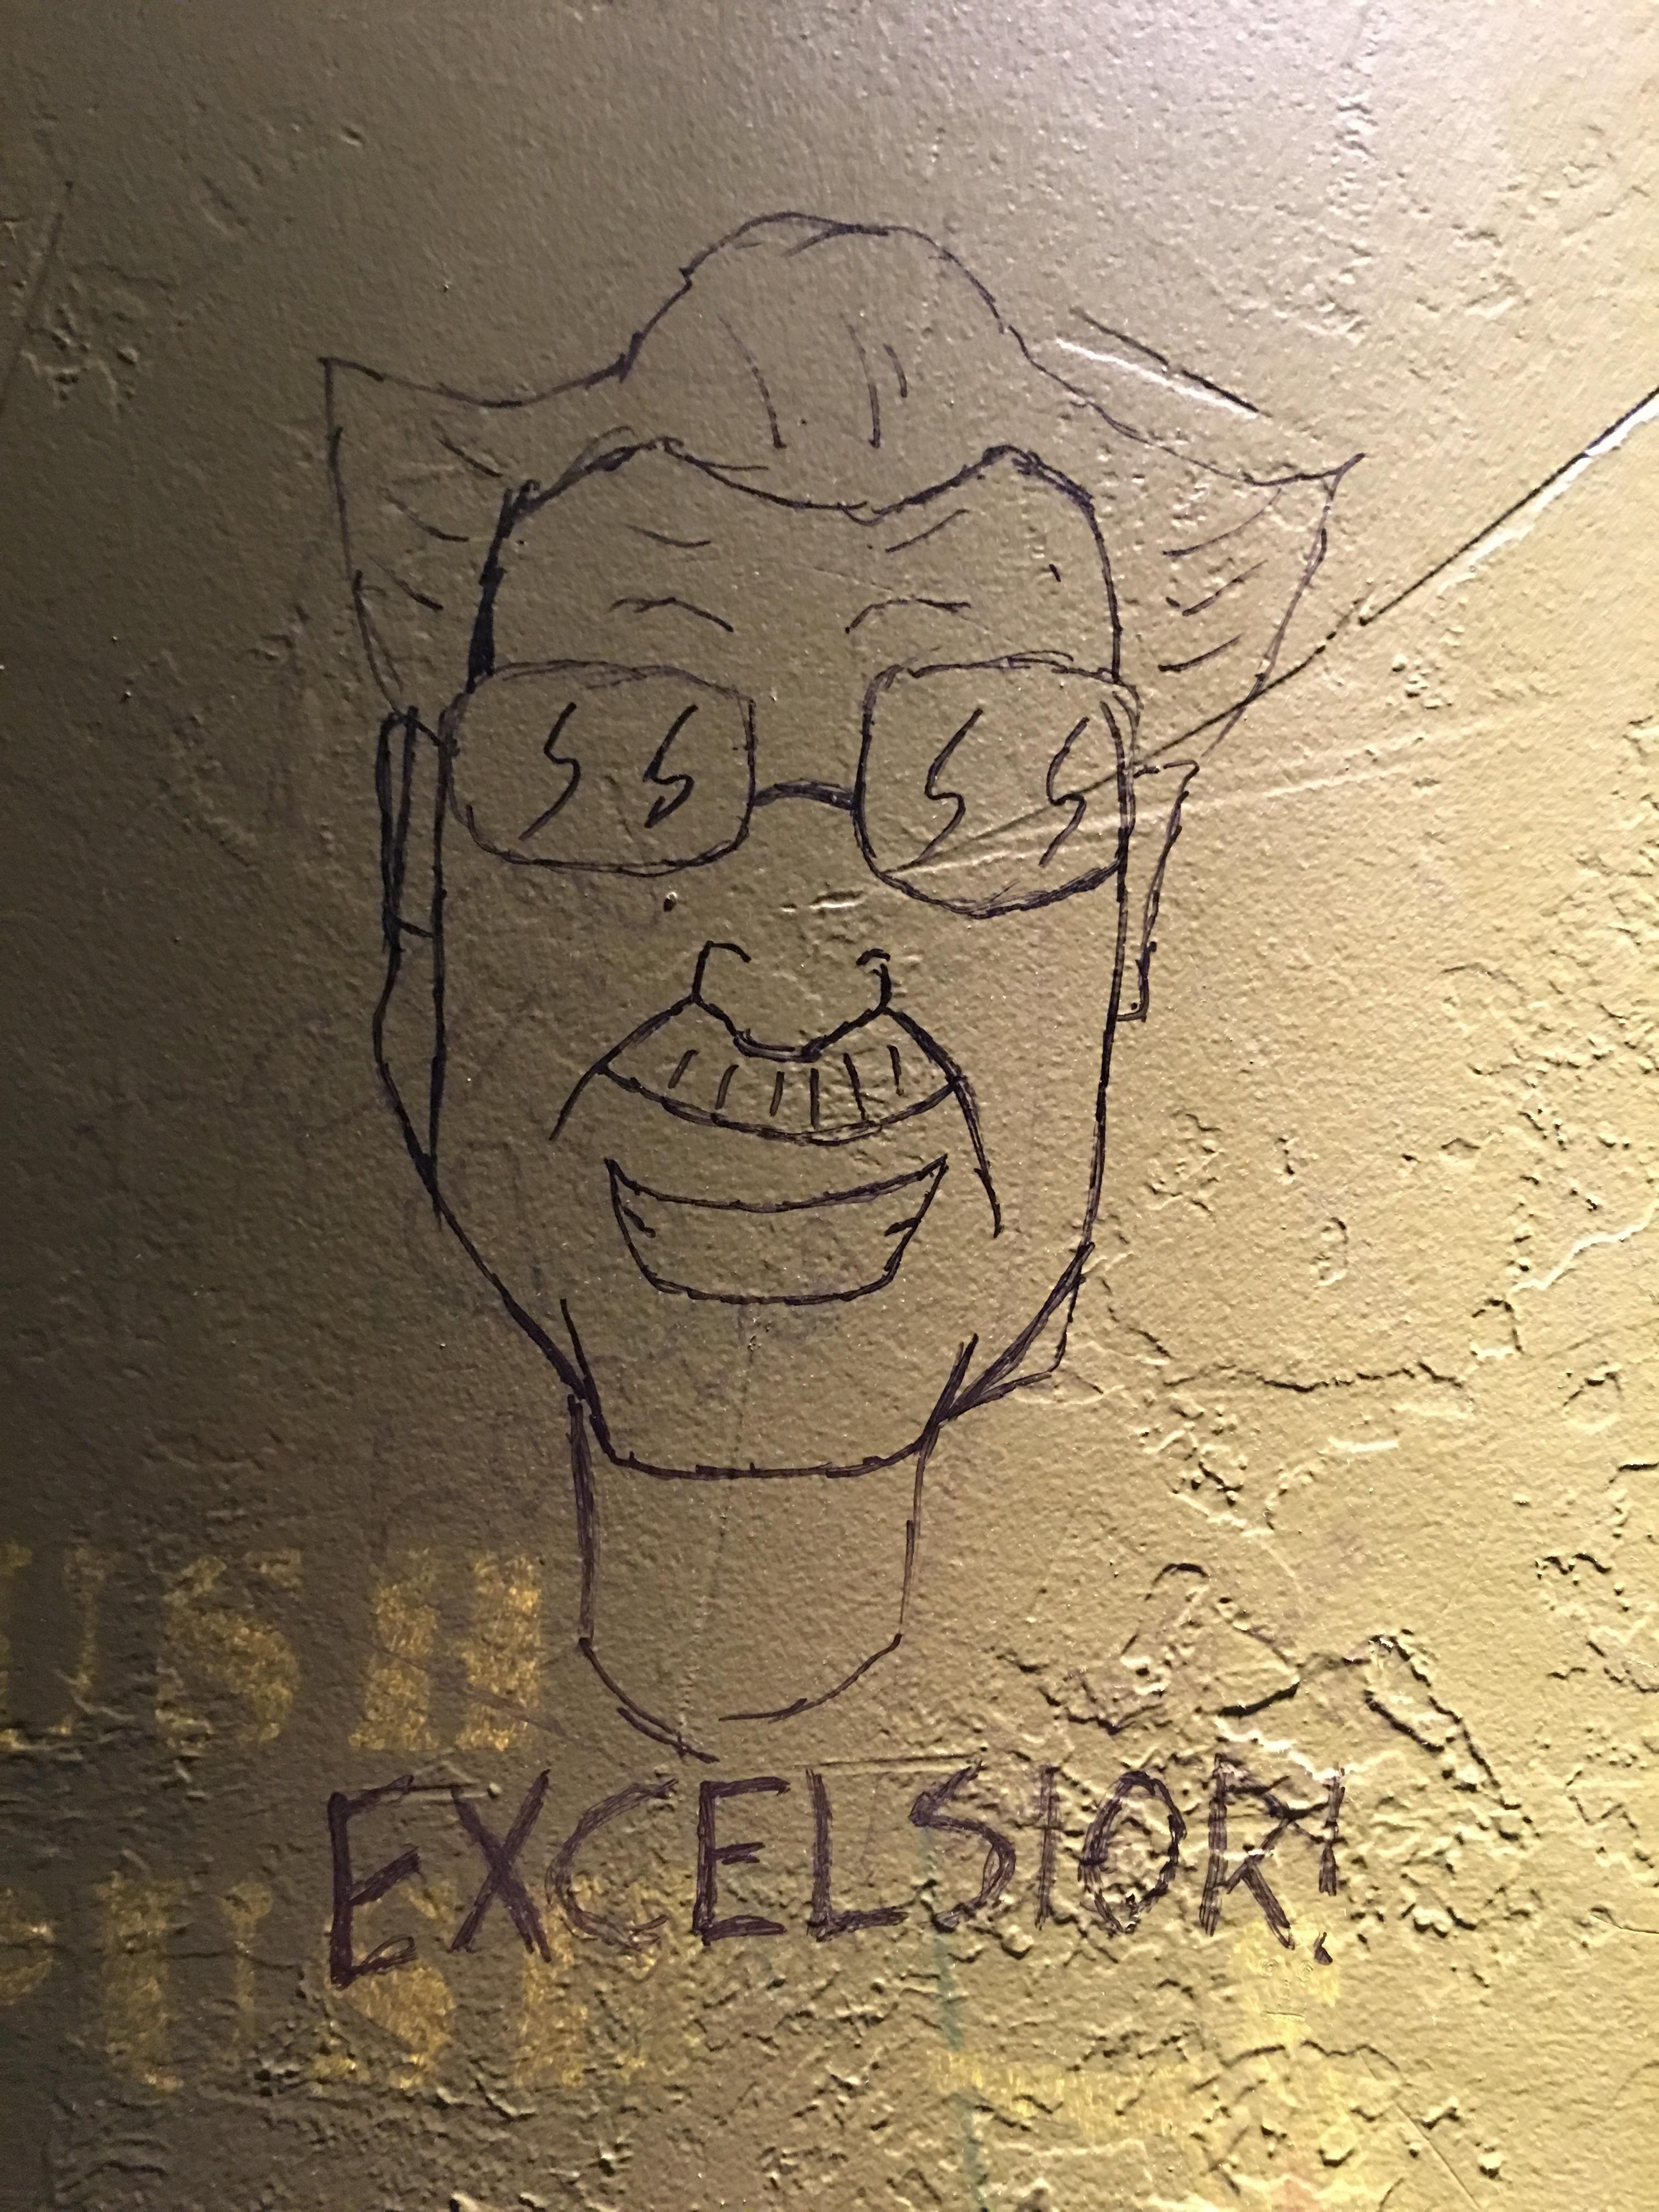 Excelsior Stan Lee Fanart